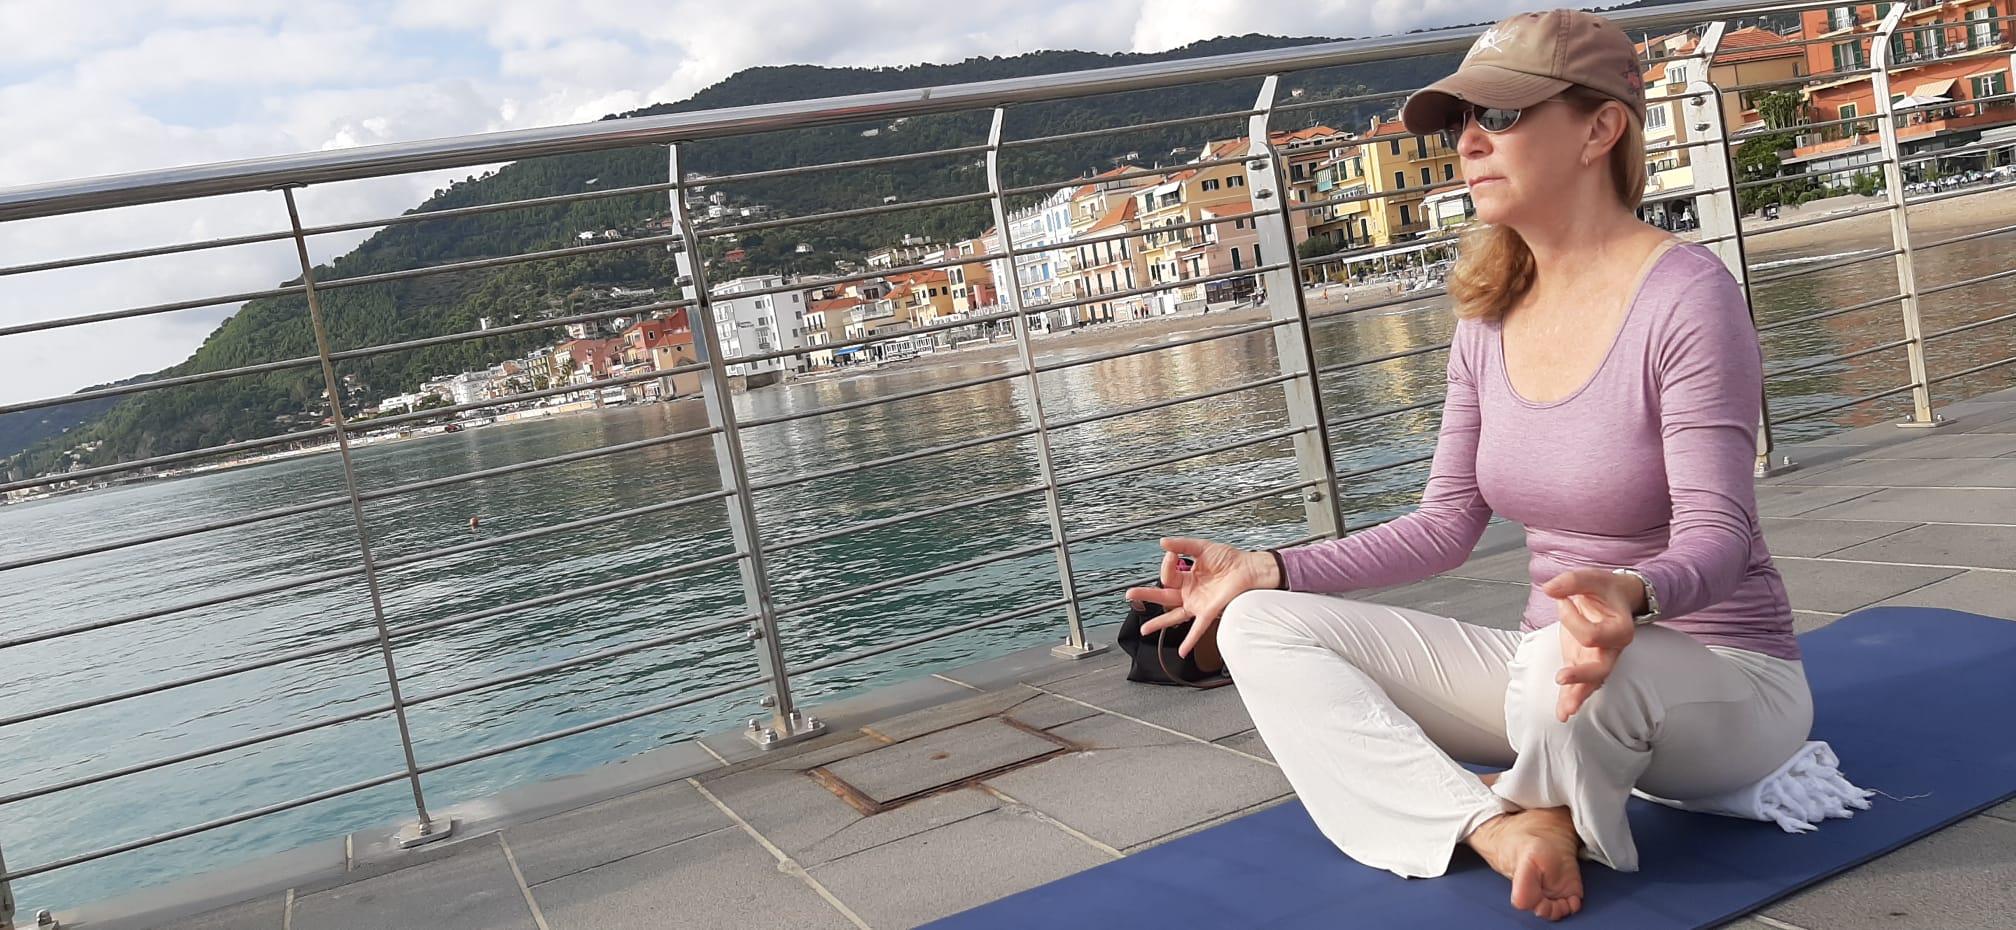 yoga-rosa-alassio-molo-gratuito-free-essere-benessere-lucia-ragazzi-donne-prevenzione-airc-tumori-sociale